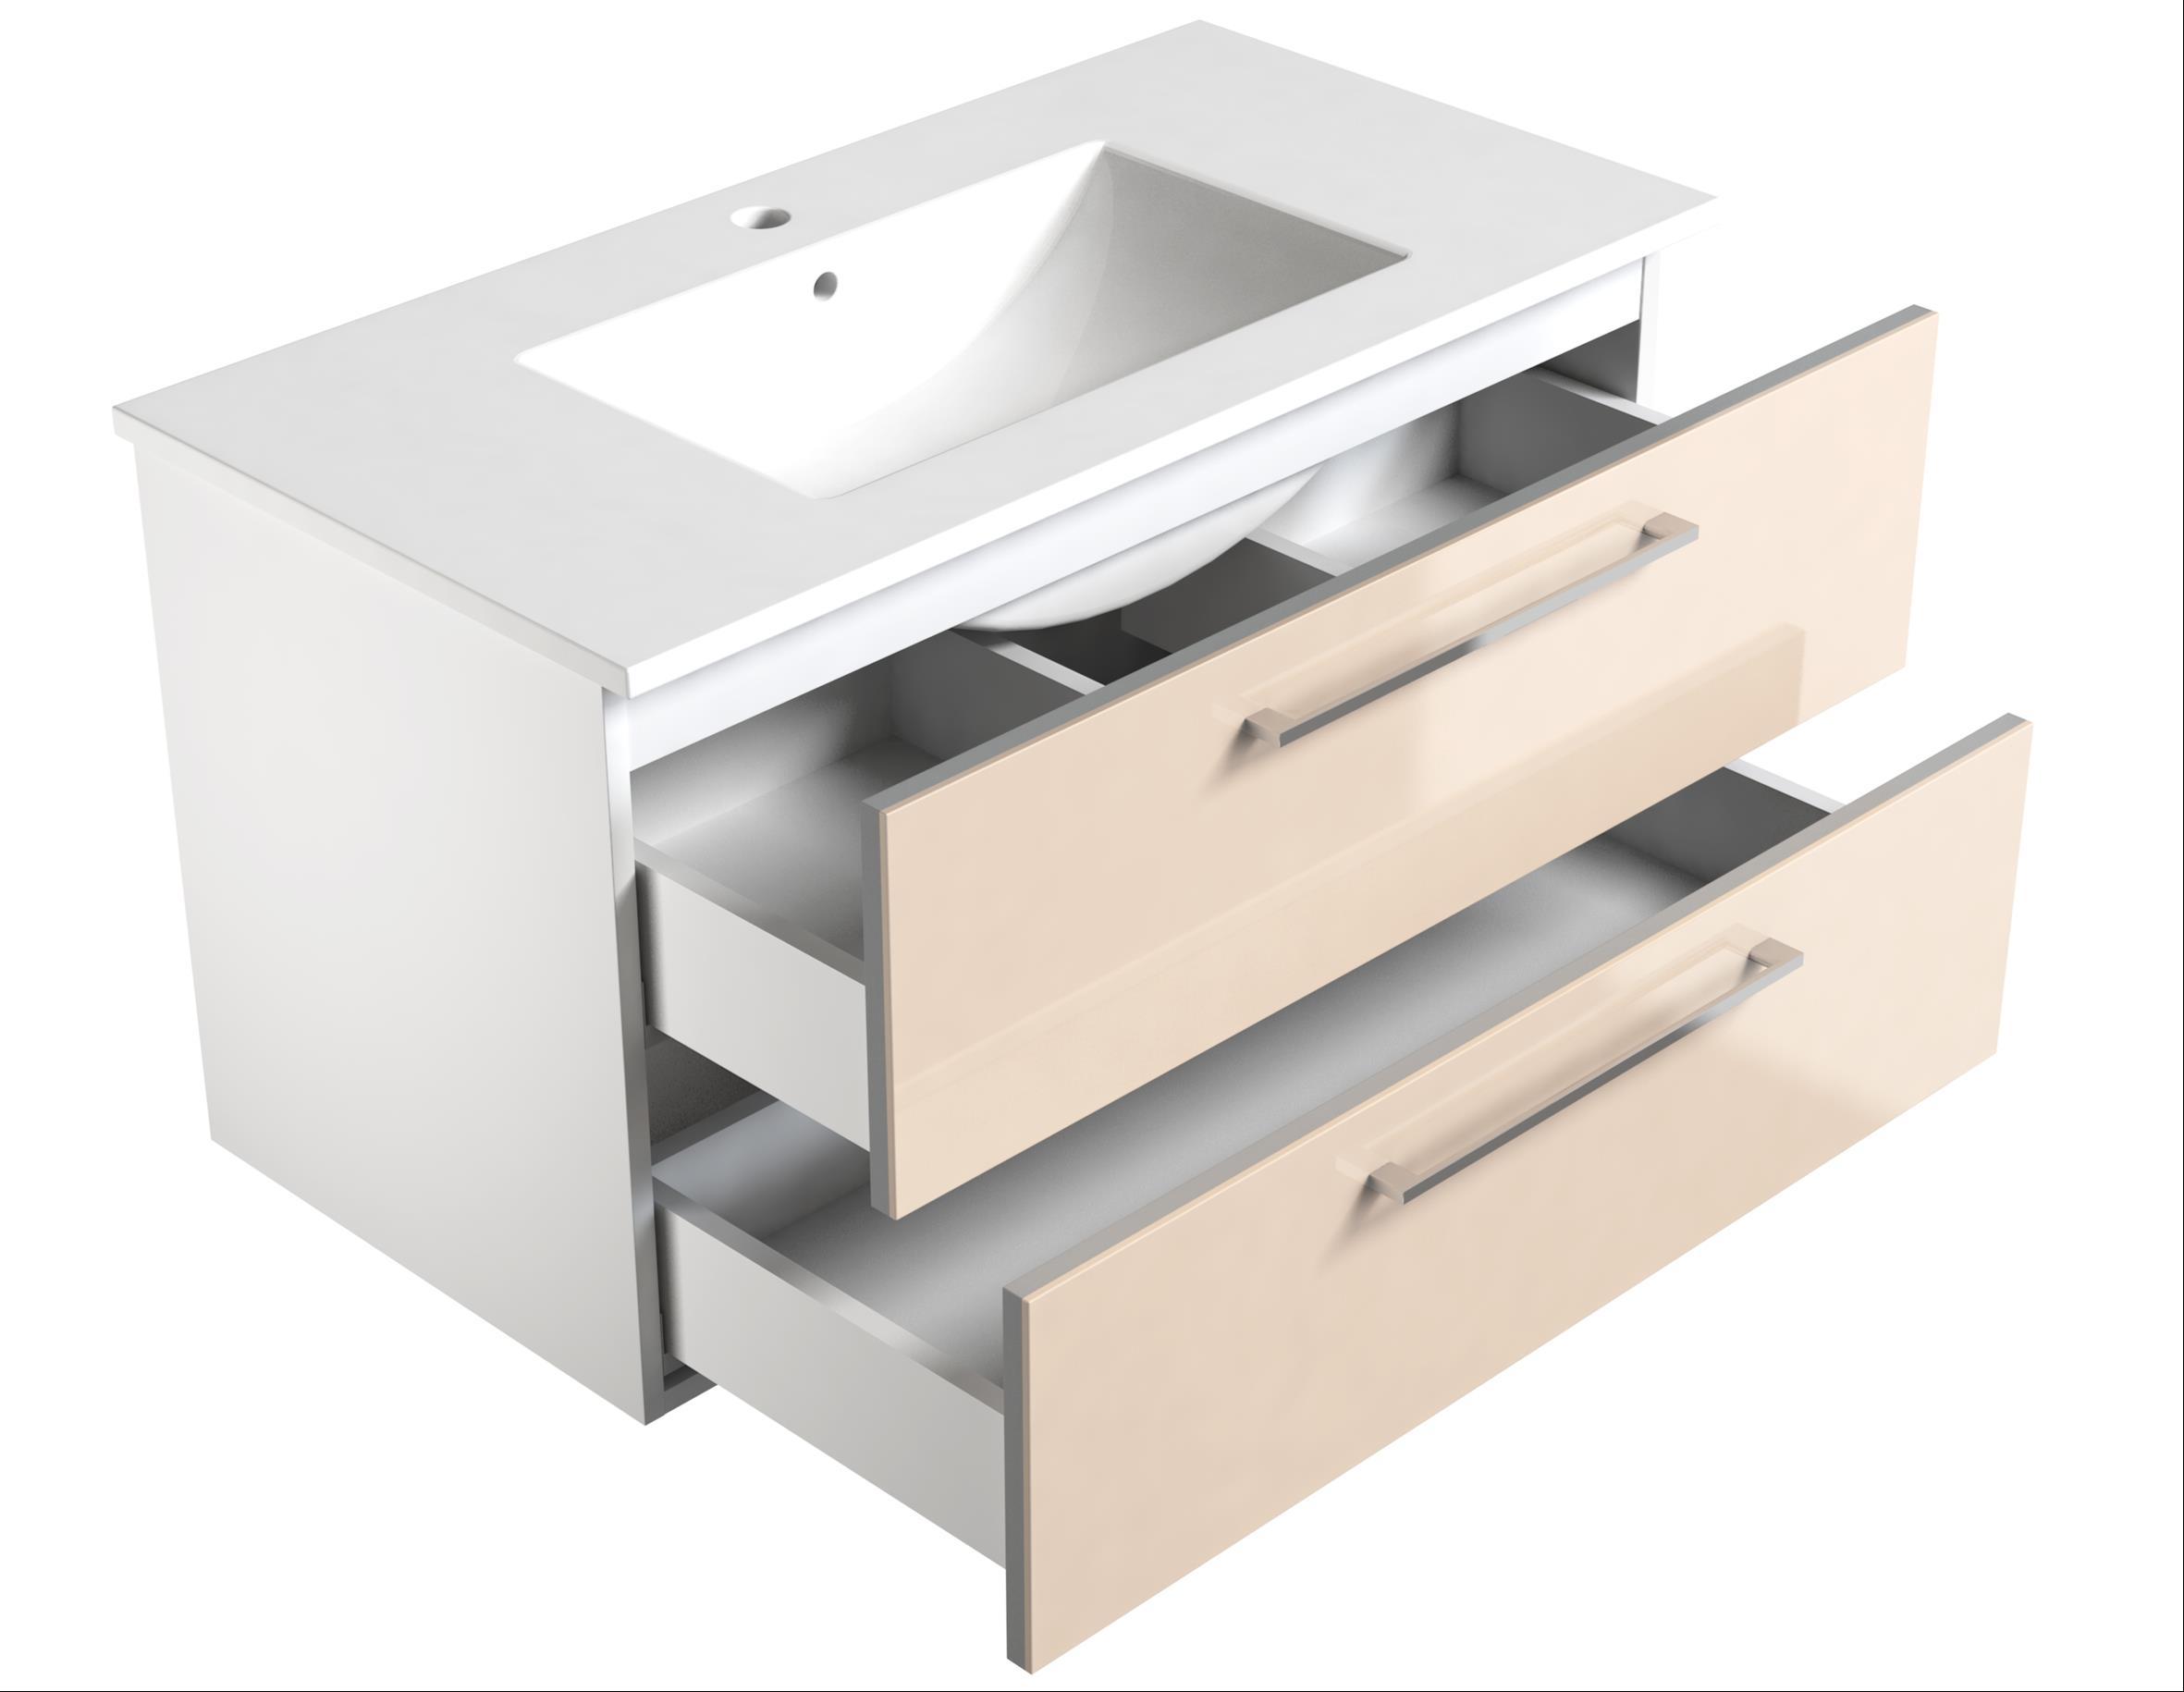 Bad Waschtischunterschrank mit Keramik-Waschtisch Allegro 91 Beige glänzend Bild 3